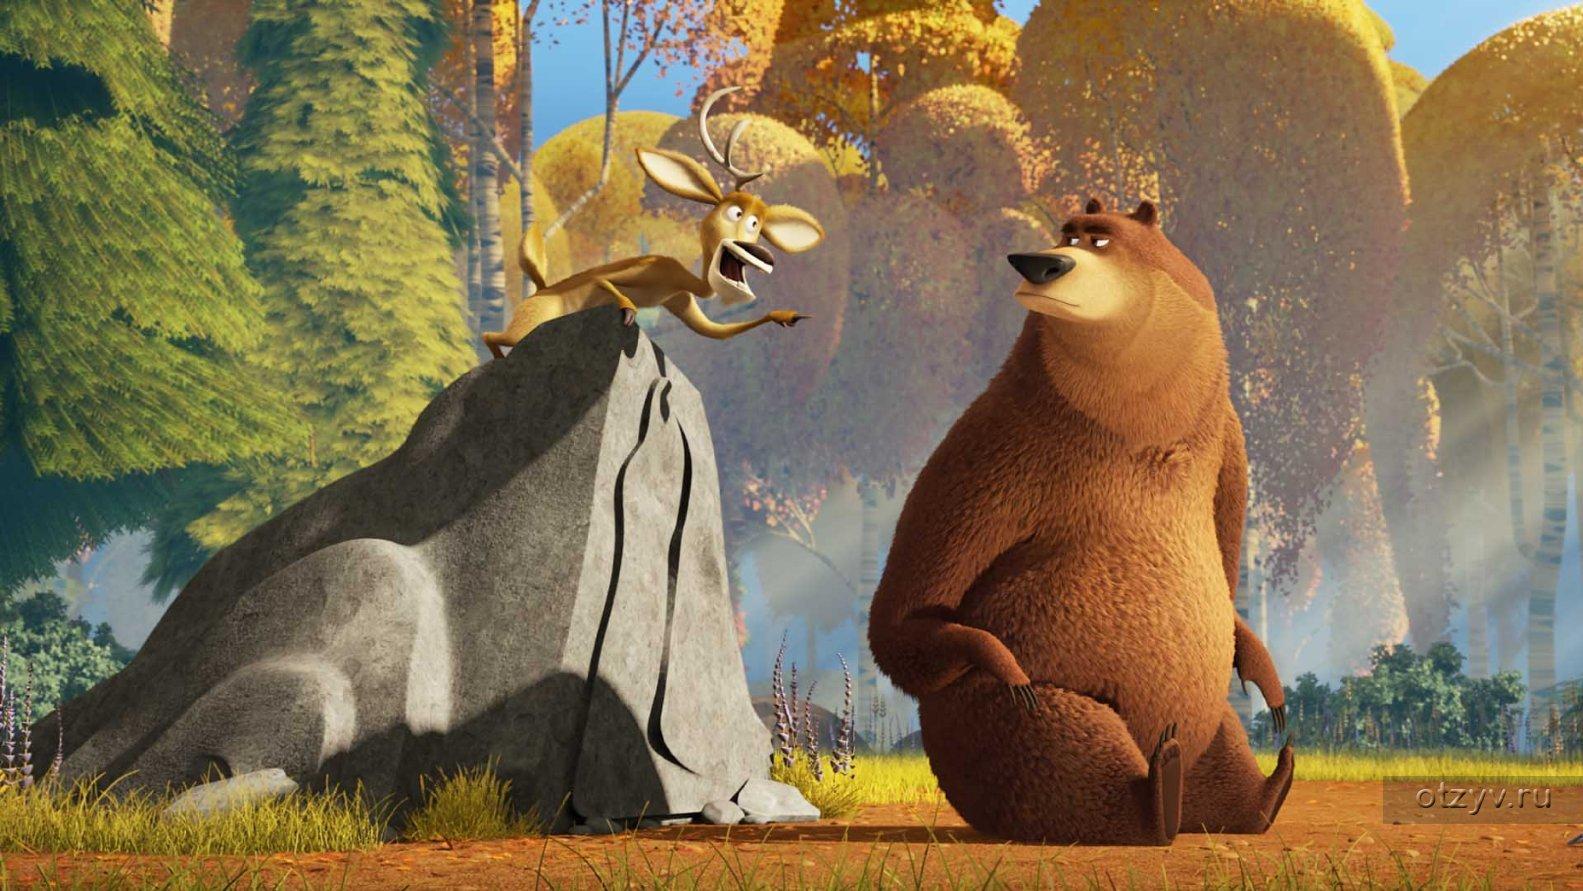 28 октября: международный день мультфильмов. Угадай мультик по кадру!